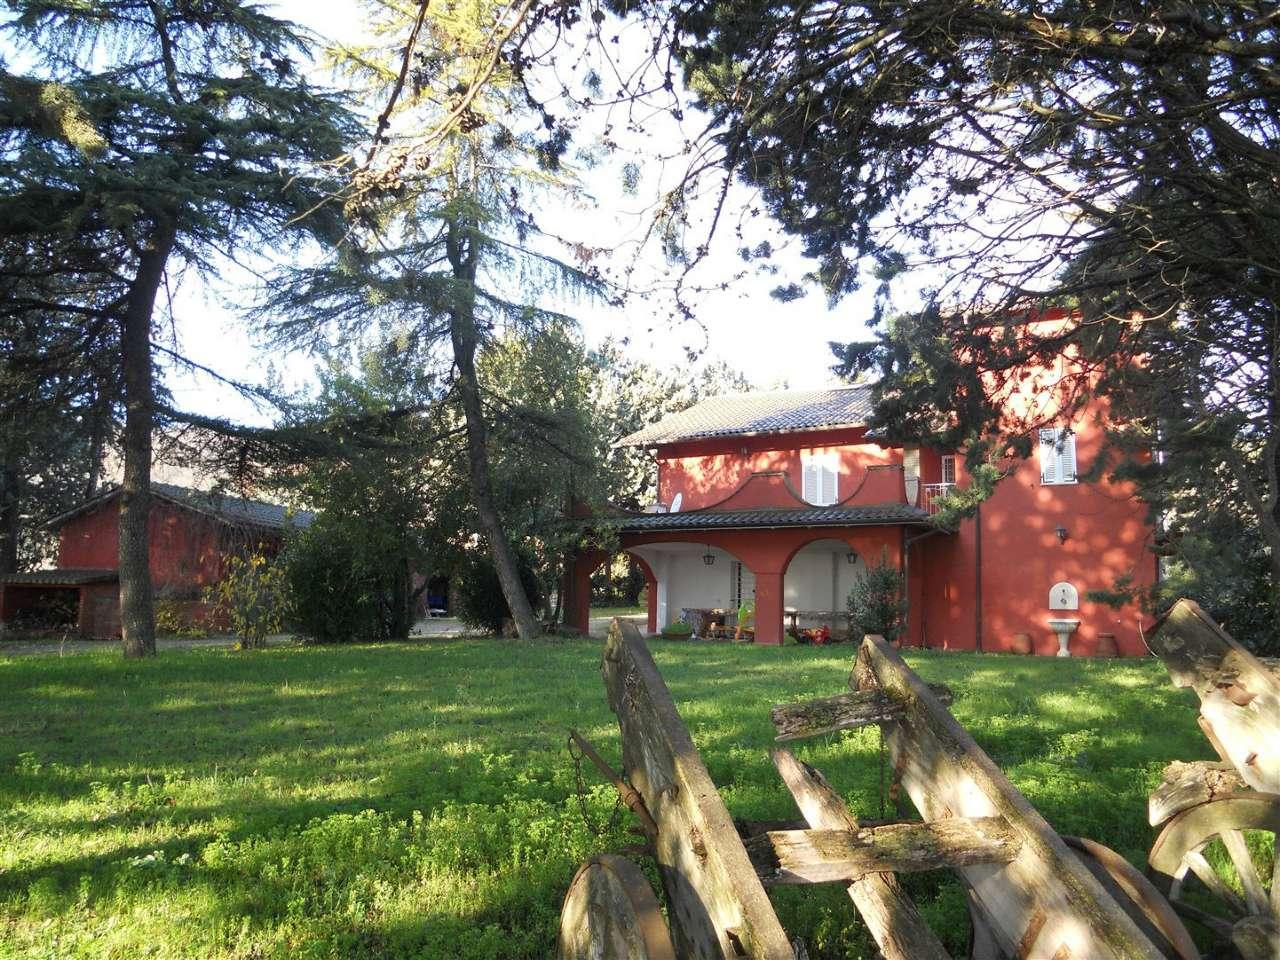 Villa in vendita a Perugia, 7 locali, Trattative riservate | Cambio Casa.it